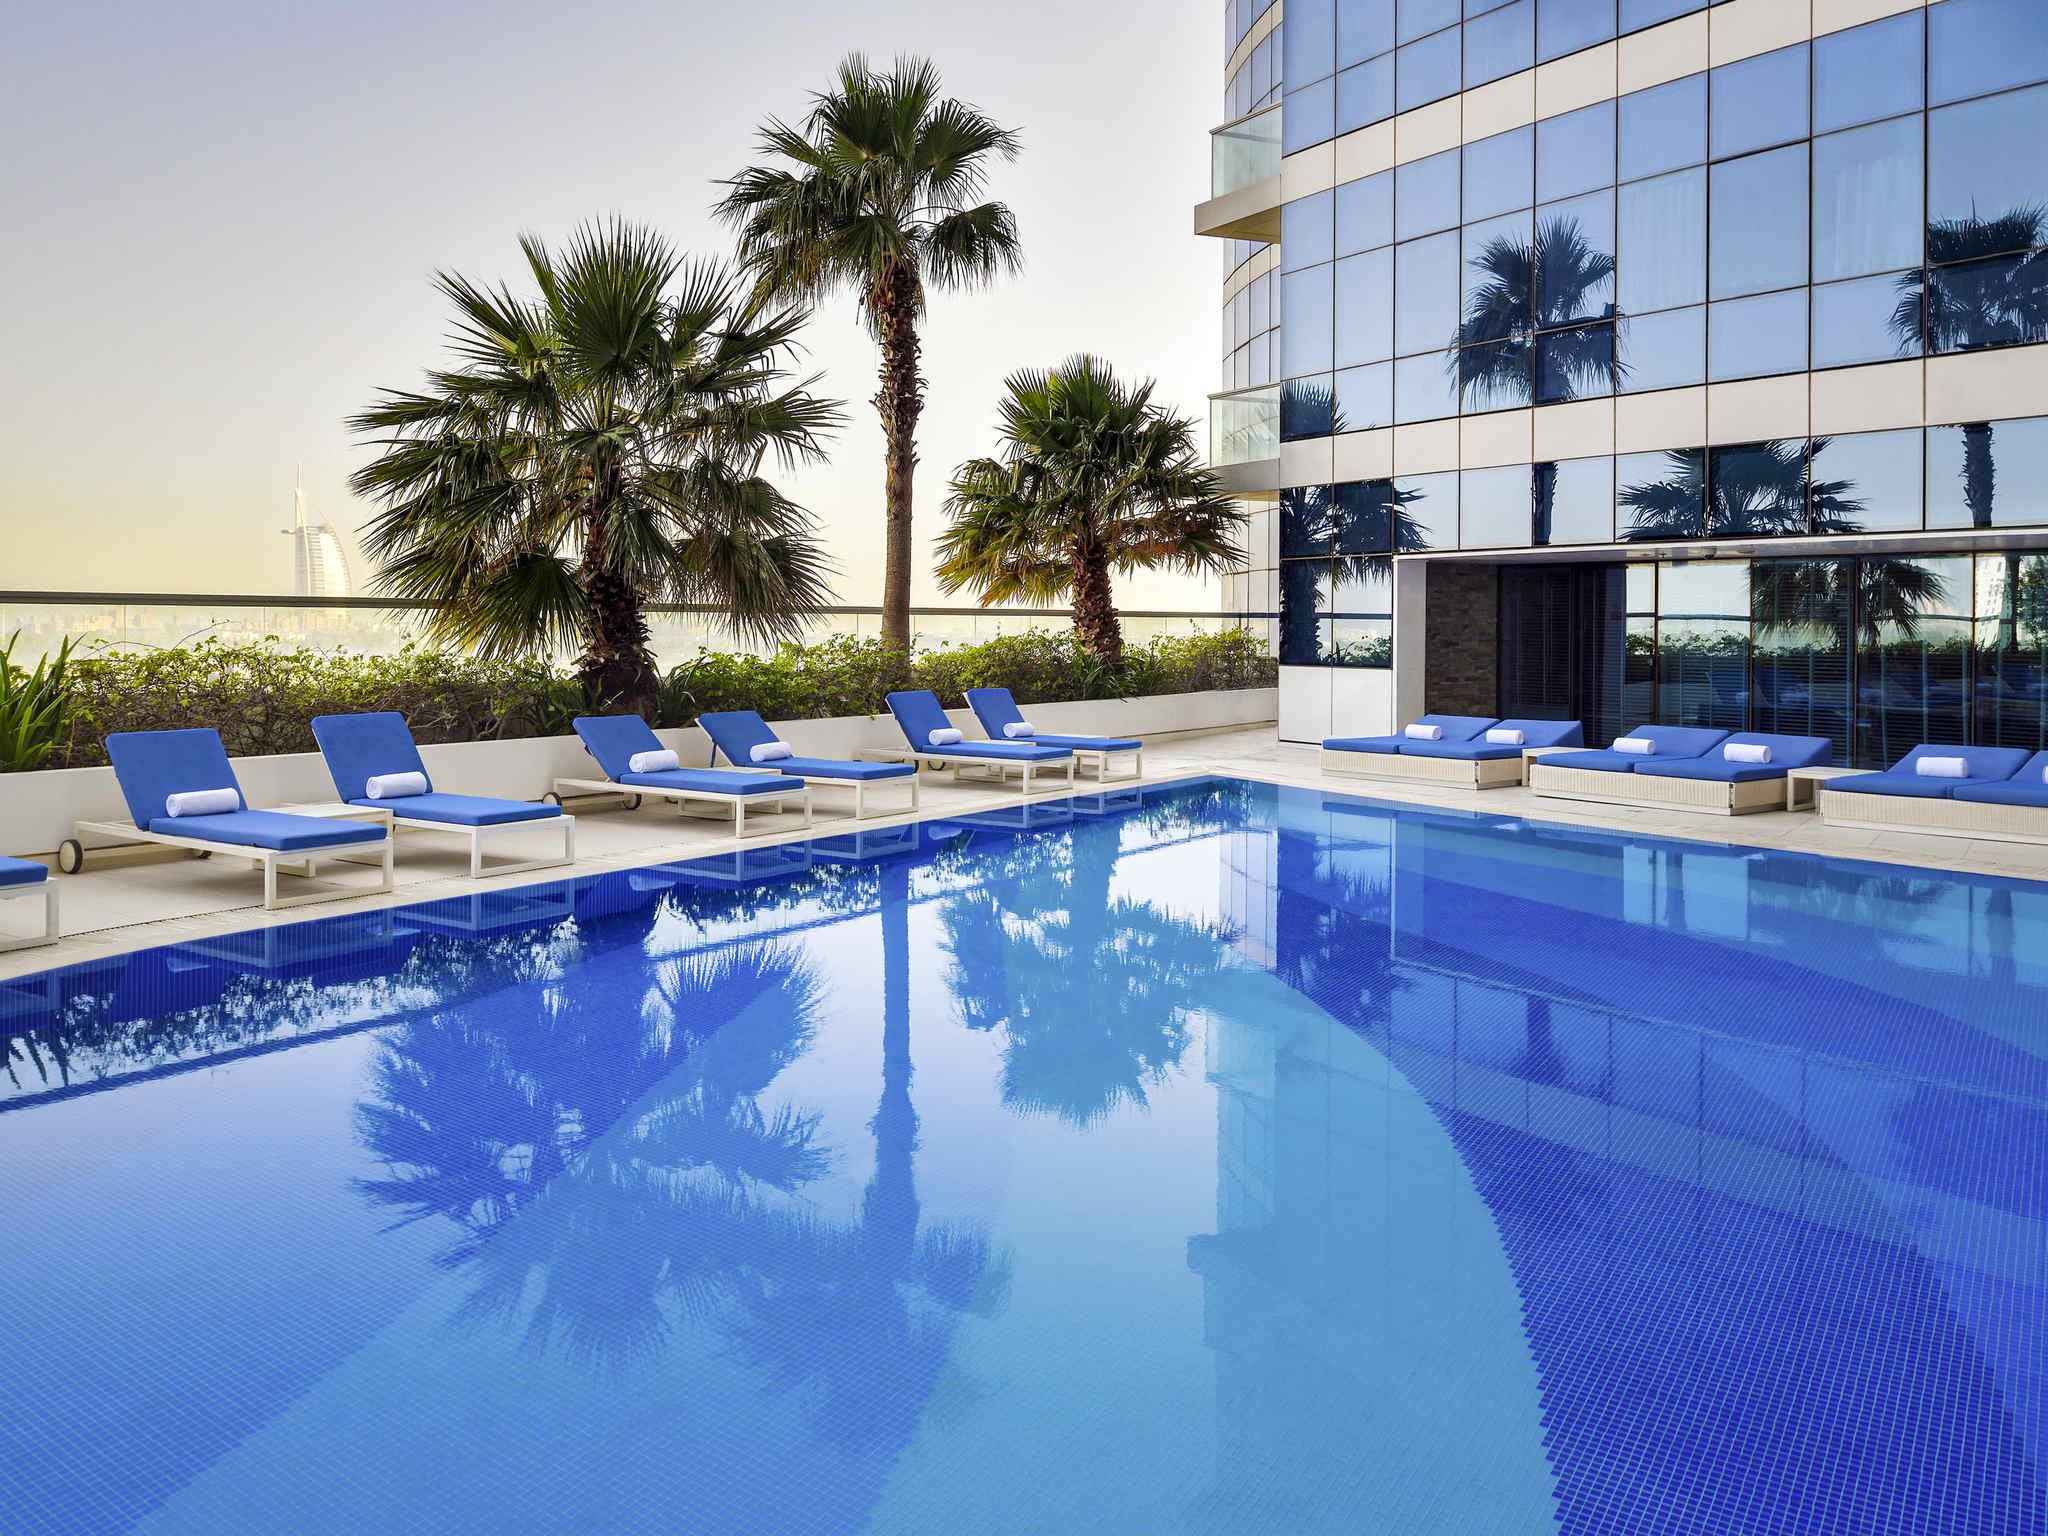 โรงแรม – โนโวเทล ดูไบ อัล บาร์ชา